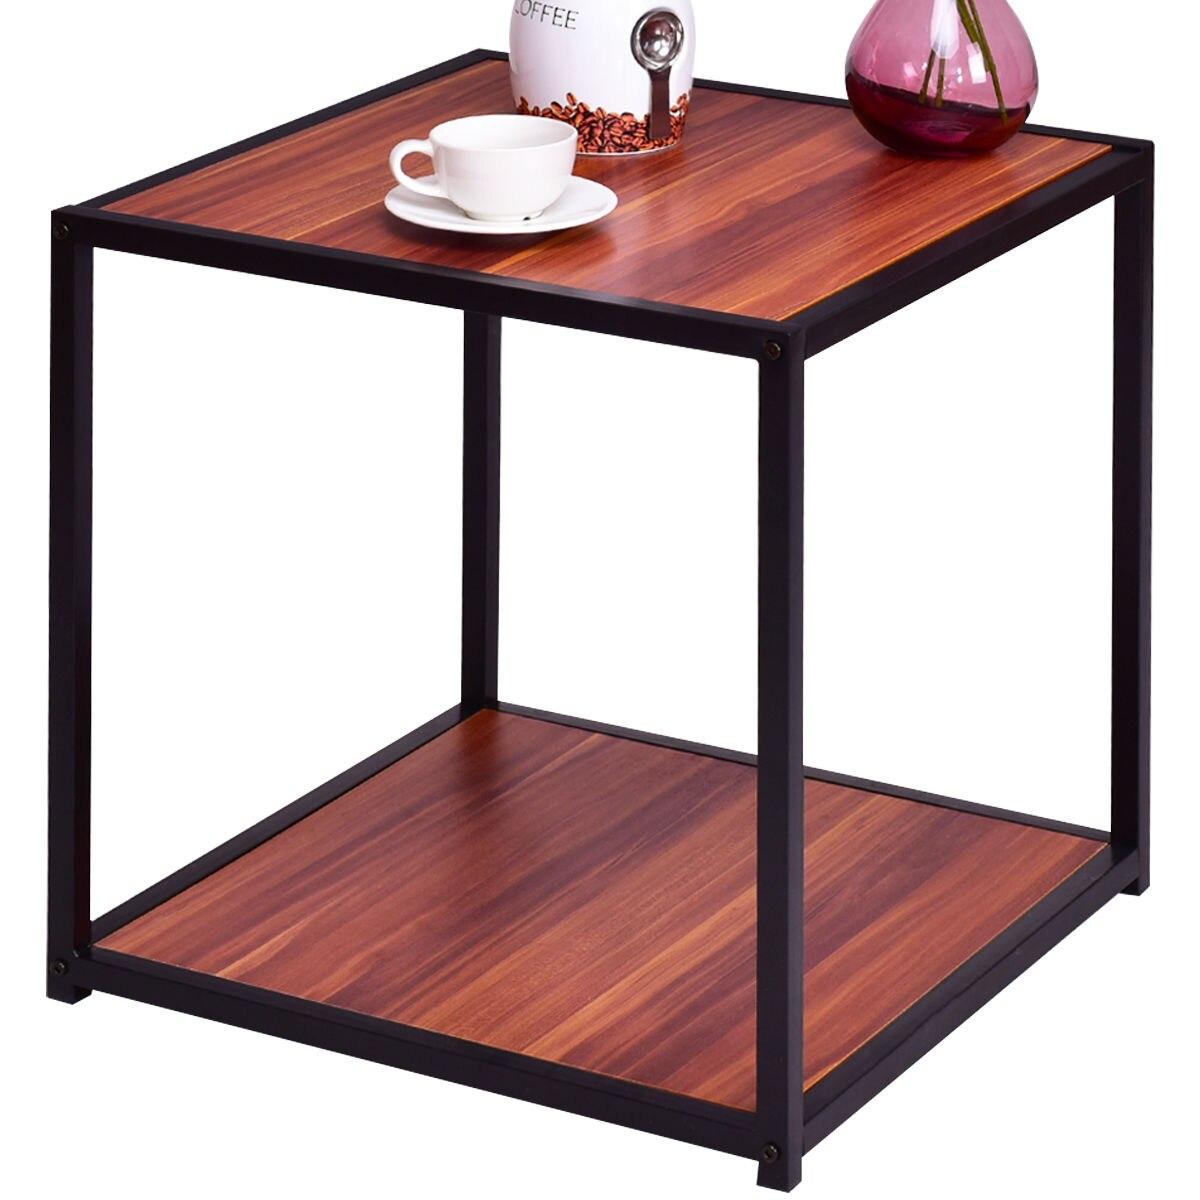 Giantex столик сбоку диван площади современные Кофейные столики Чай стенд Мебель для гостиной Декор с нижней полки hw55399